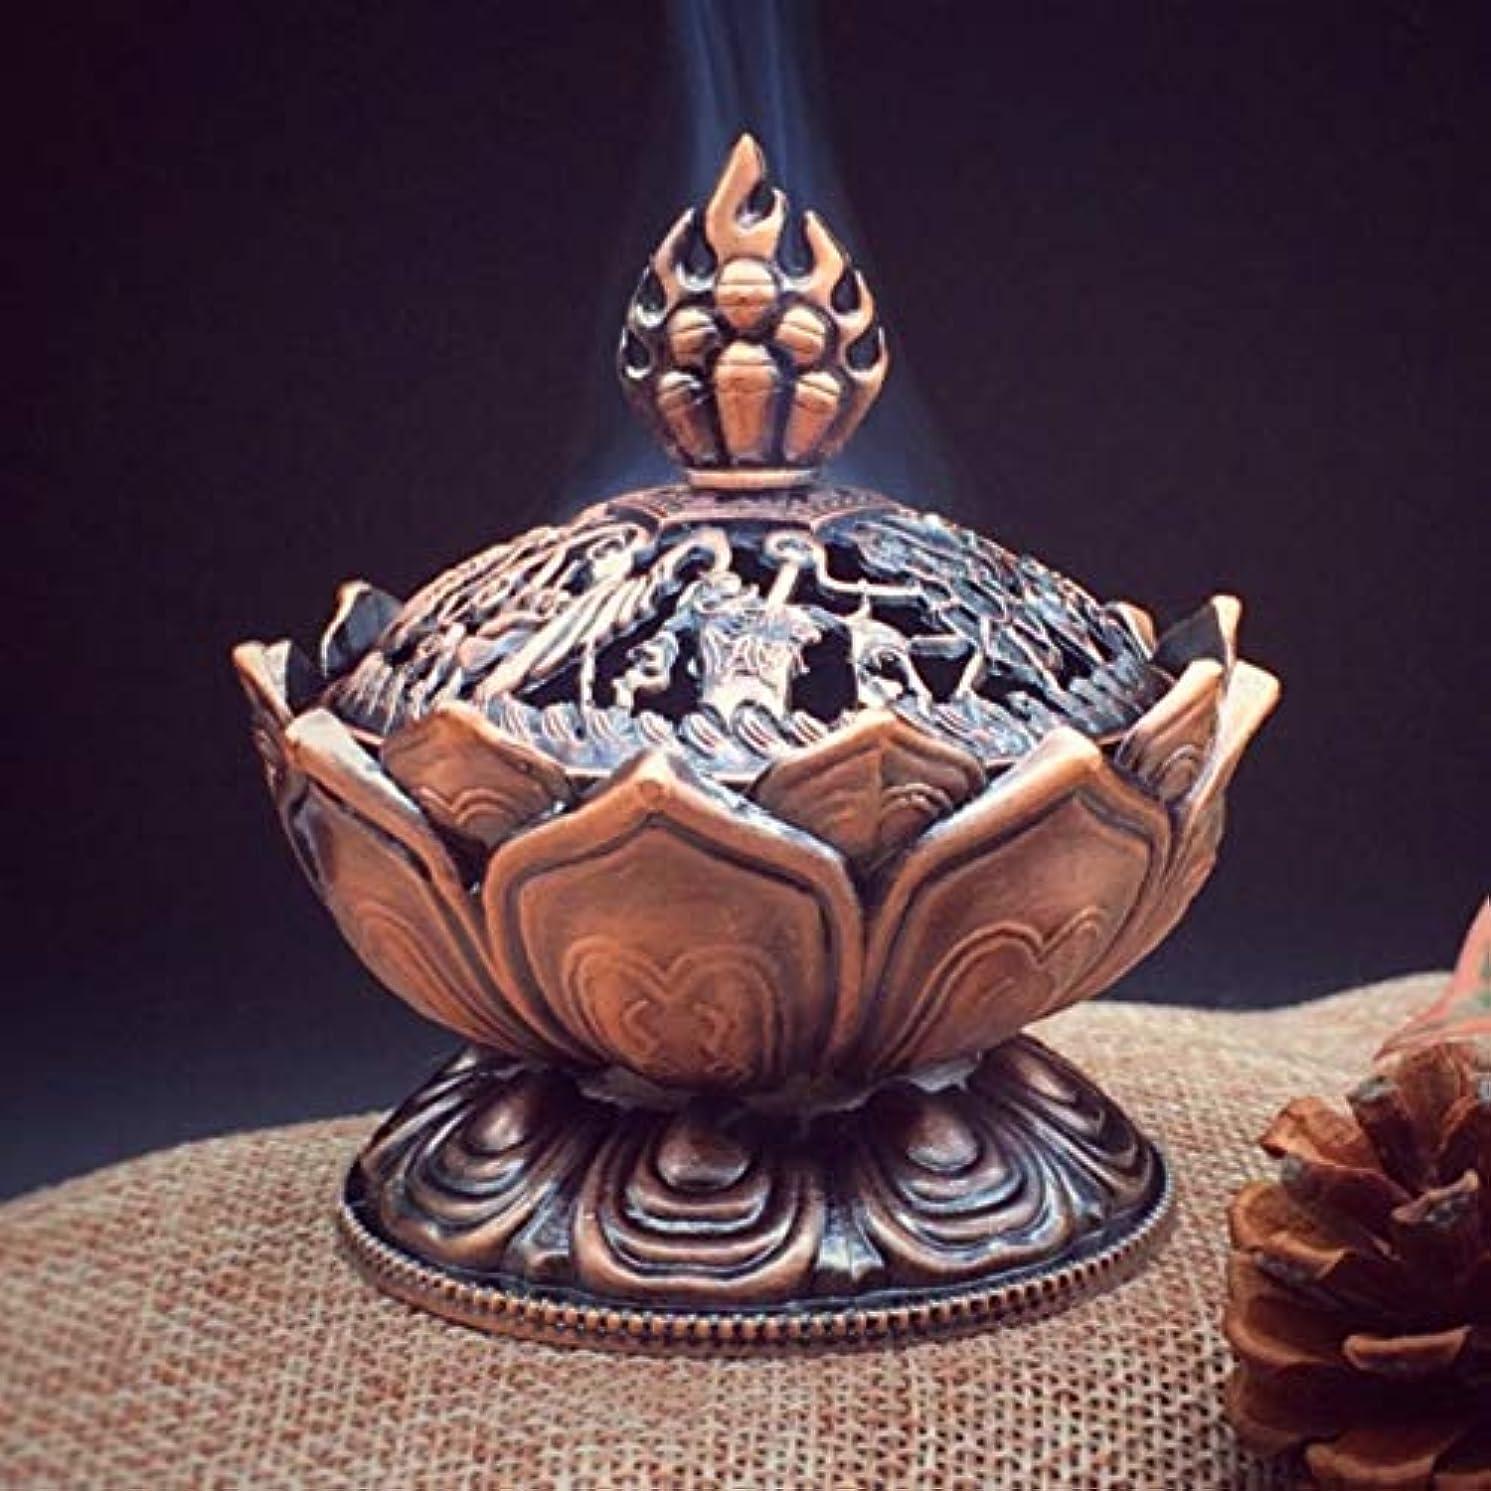 煙記事奇跡Holy Tibetan Lotus Designed Incense Burner Zinc Alloy Bronze Mini Incense Burner Incensory Metal Craft Home Decor